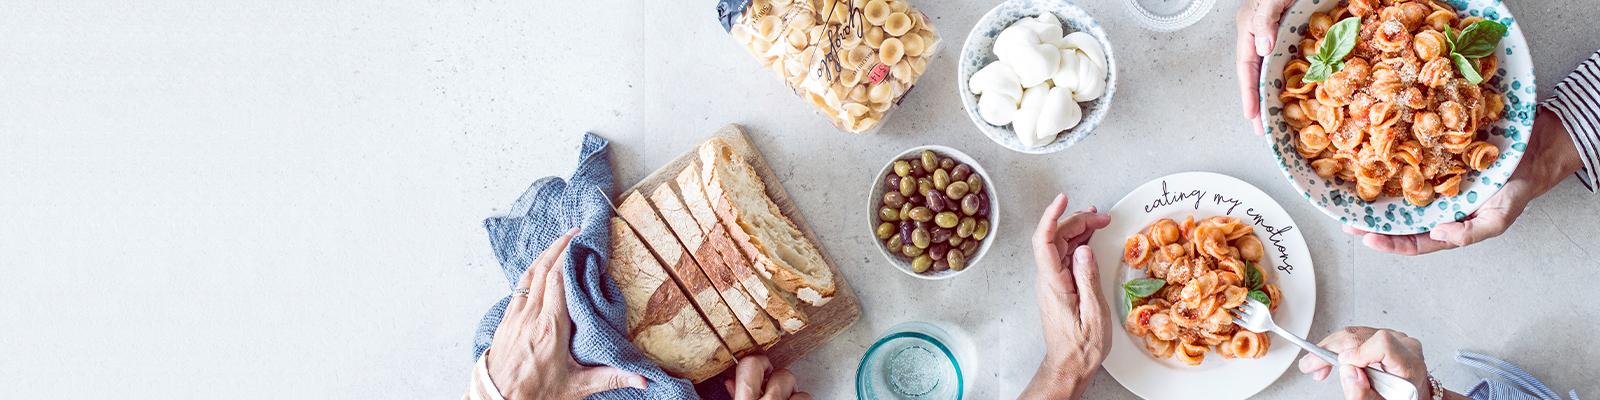 Pasta Garofalo - Le Monde Garofalo